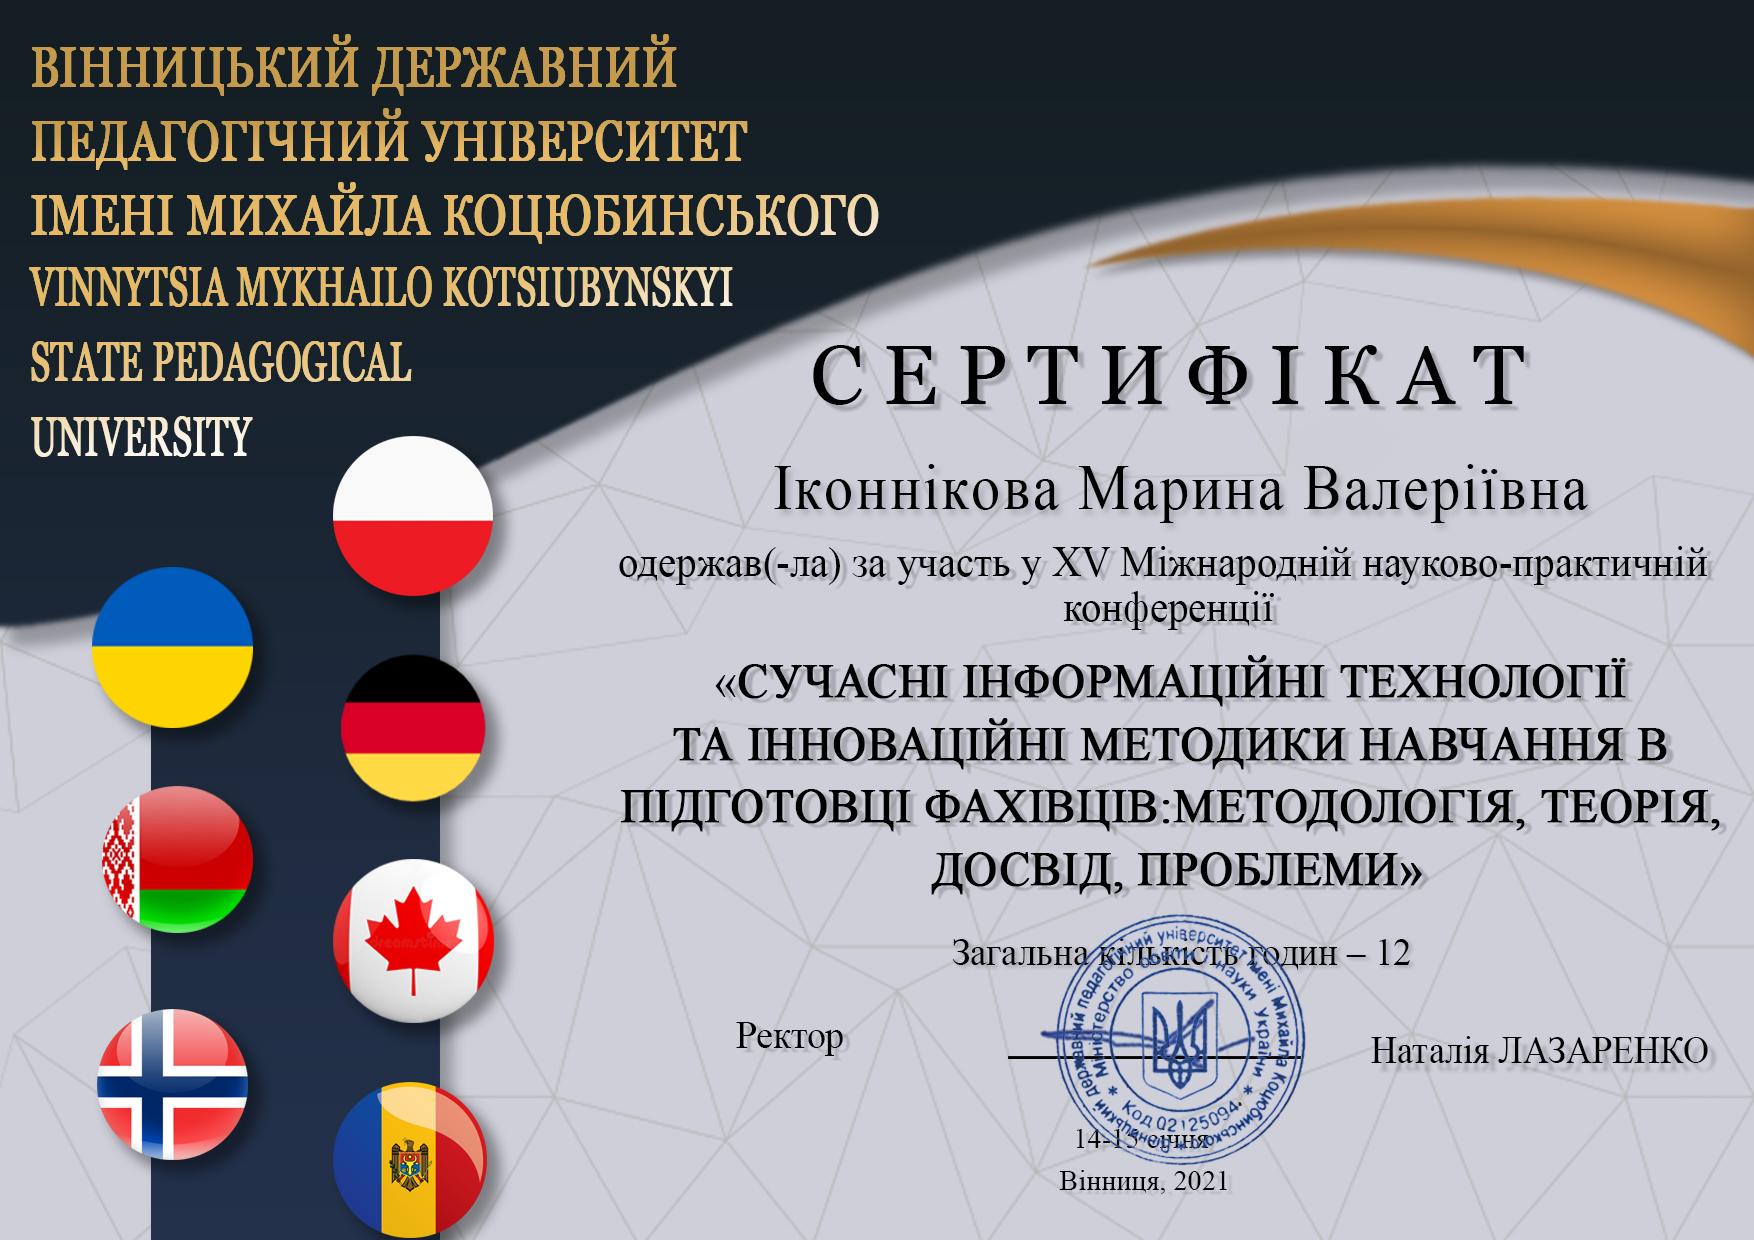 Іконнікова Марина Валеріївна